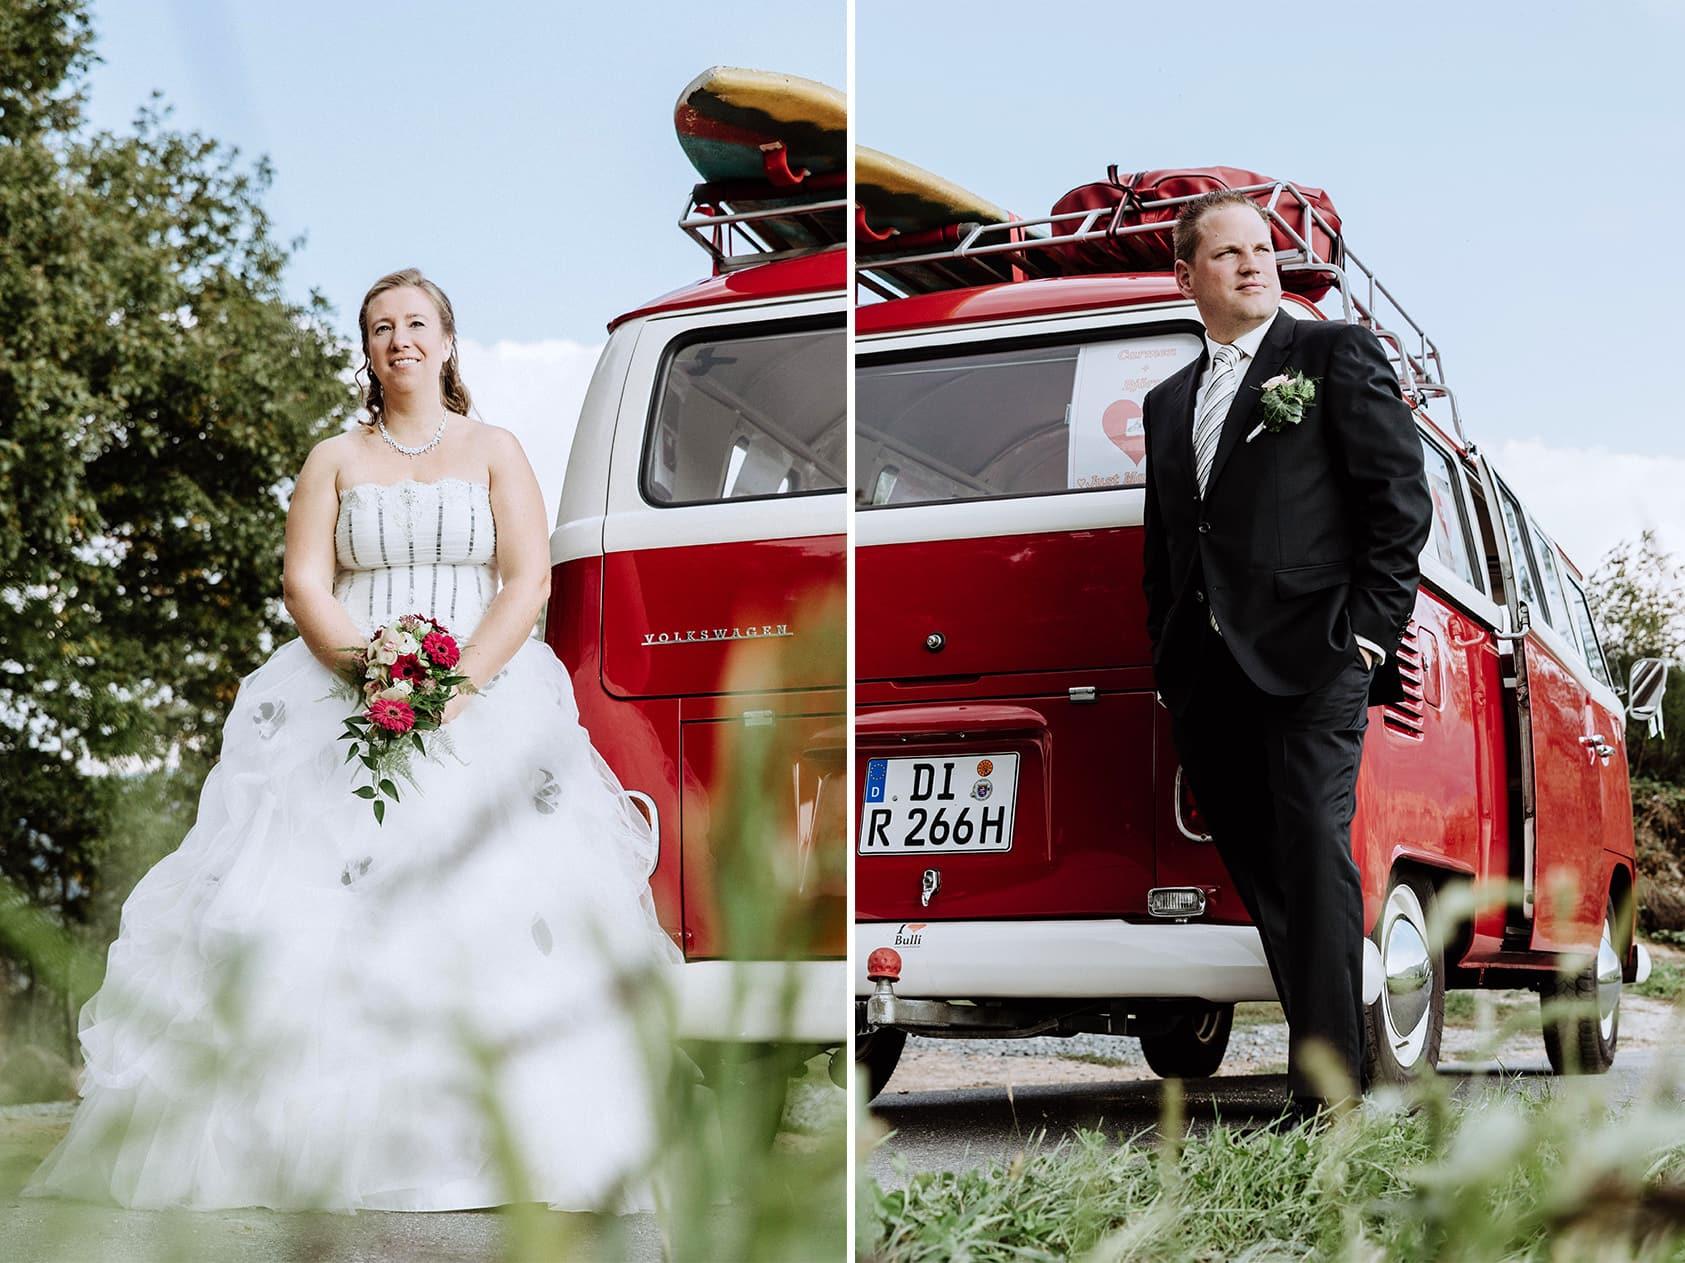 Hochzeitsreportage-Darmstadt-Heiraten-Hochzeitsfotograf-Katharina-zwerger-Pinetree-photography-hochzeit-odenwald-lautertal-Bullihochzeit-waldgasthaus-am-borstein